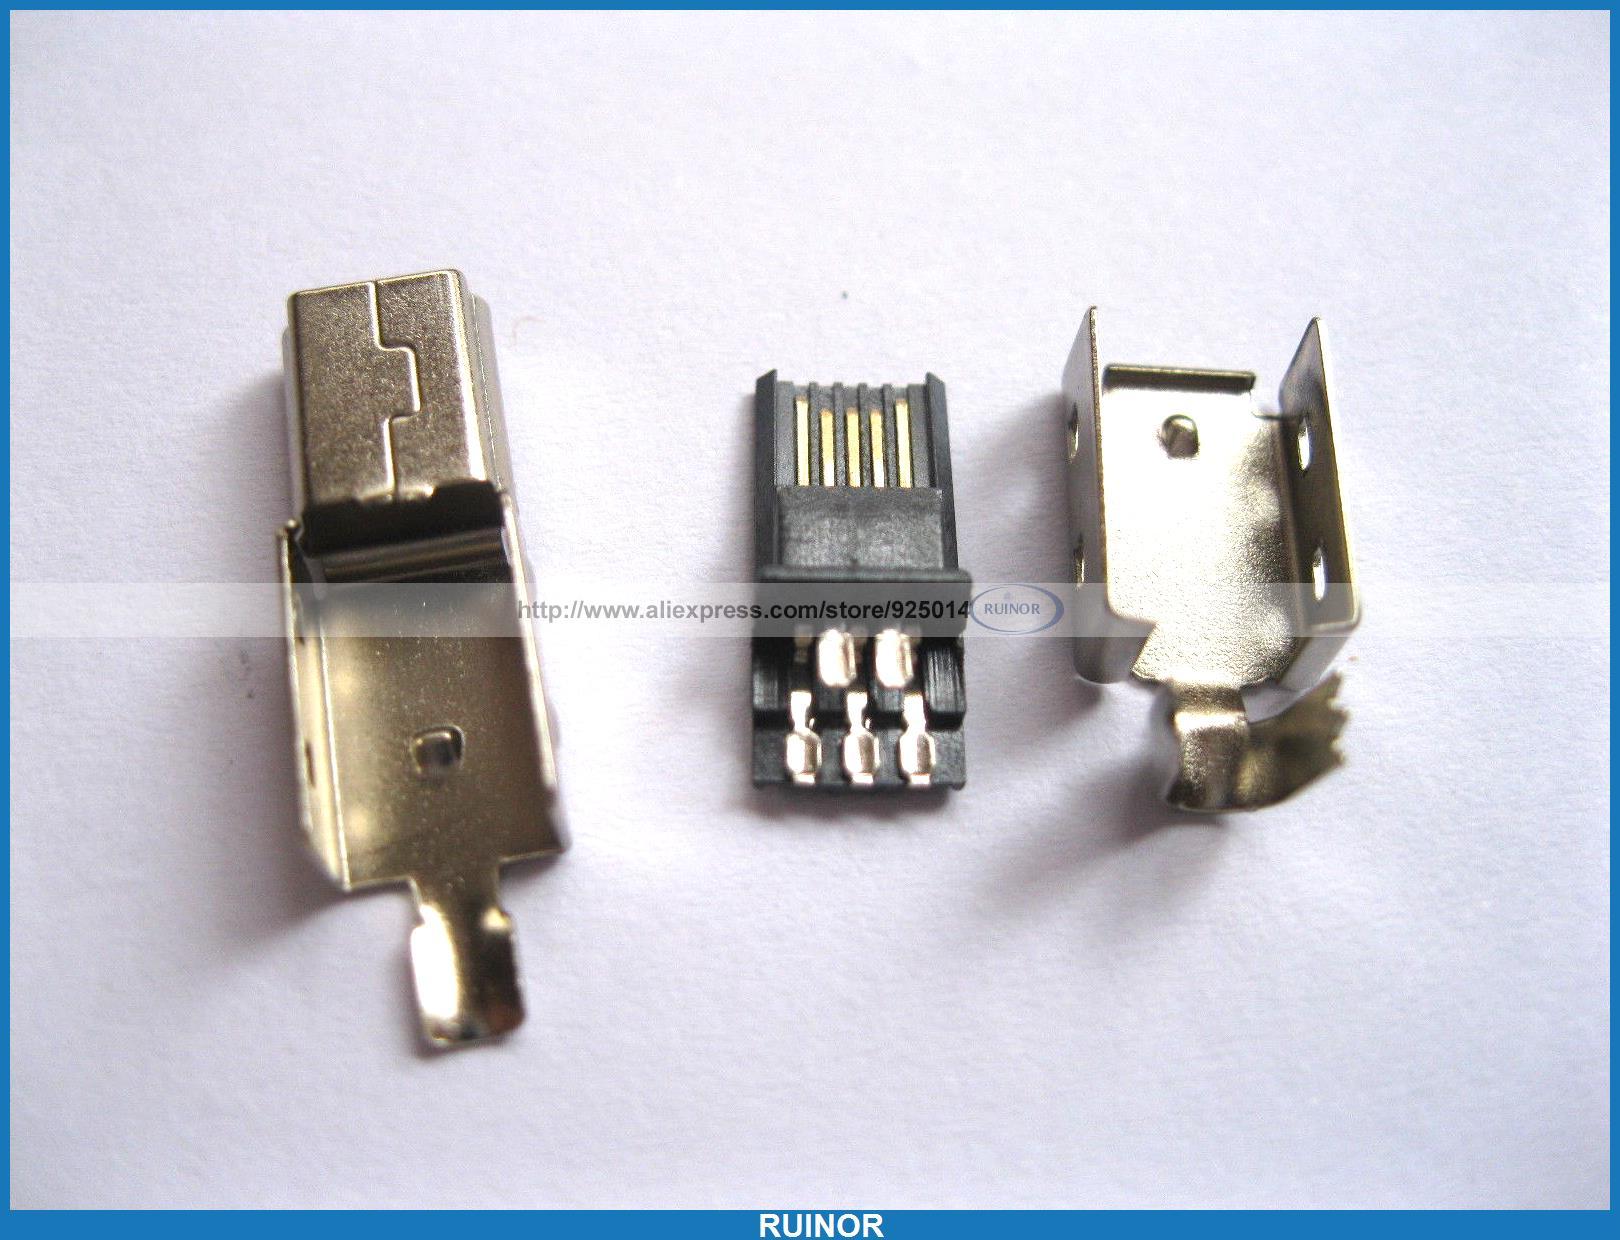 50 Pcs Mini USB Plug Male Socket Connector 5 Pin Metal <br><br>Aliexpress